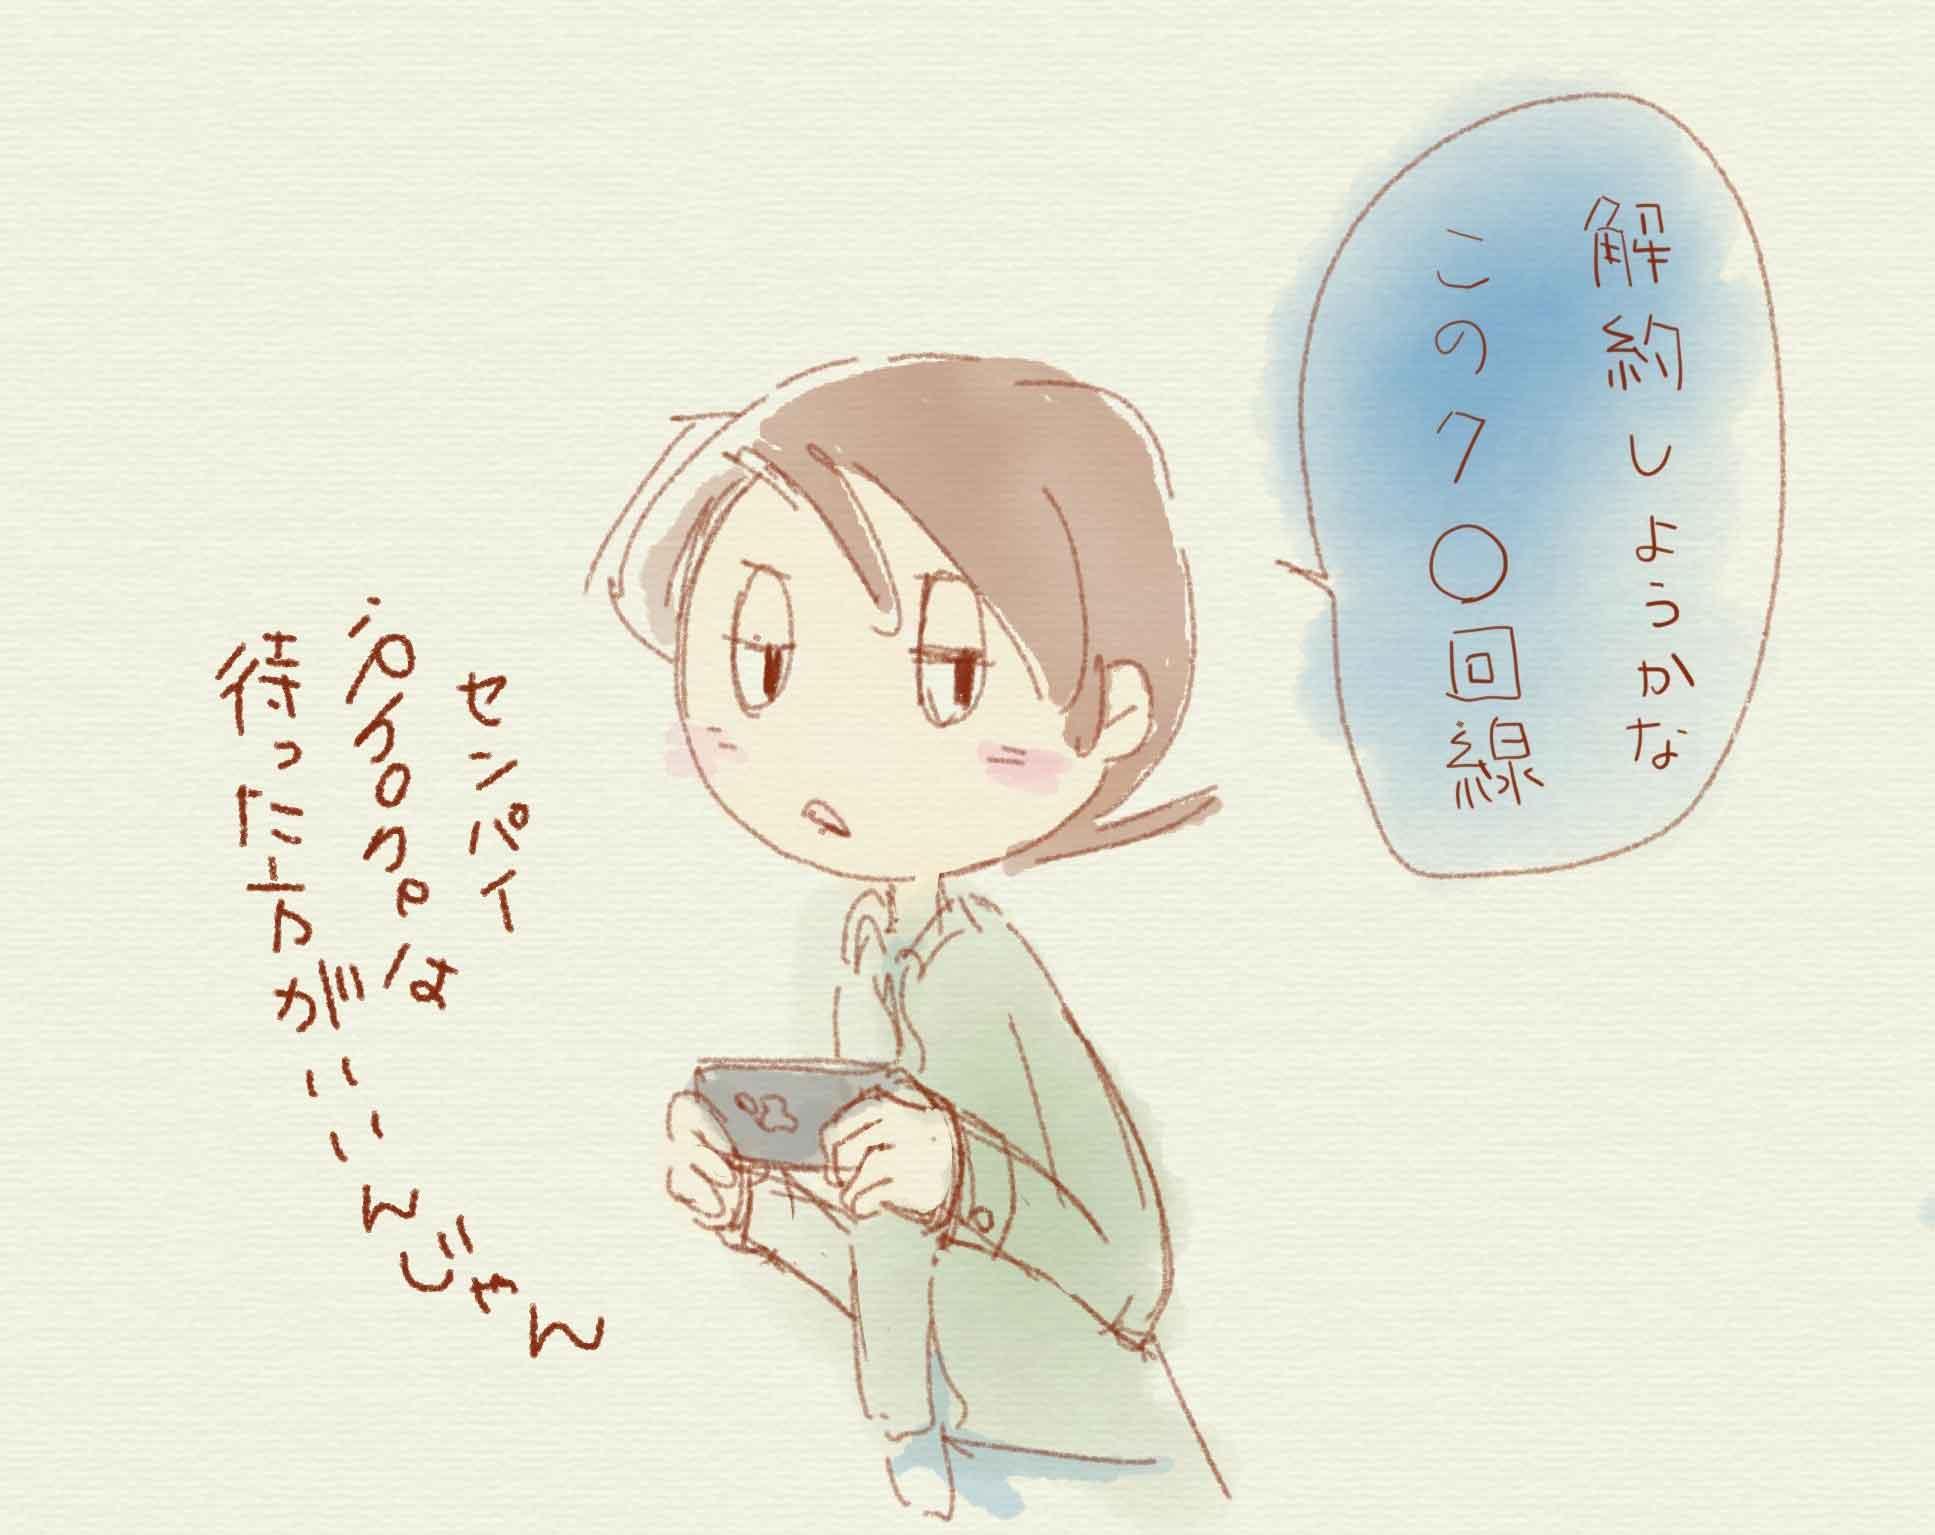 SoftBankの3G回線が遅いので毒づくDD